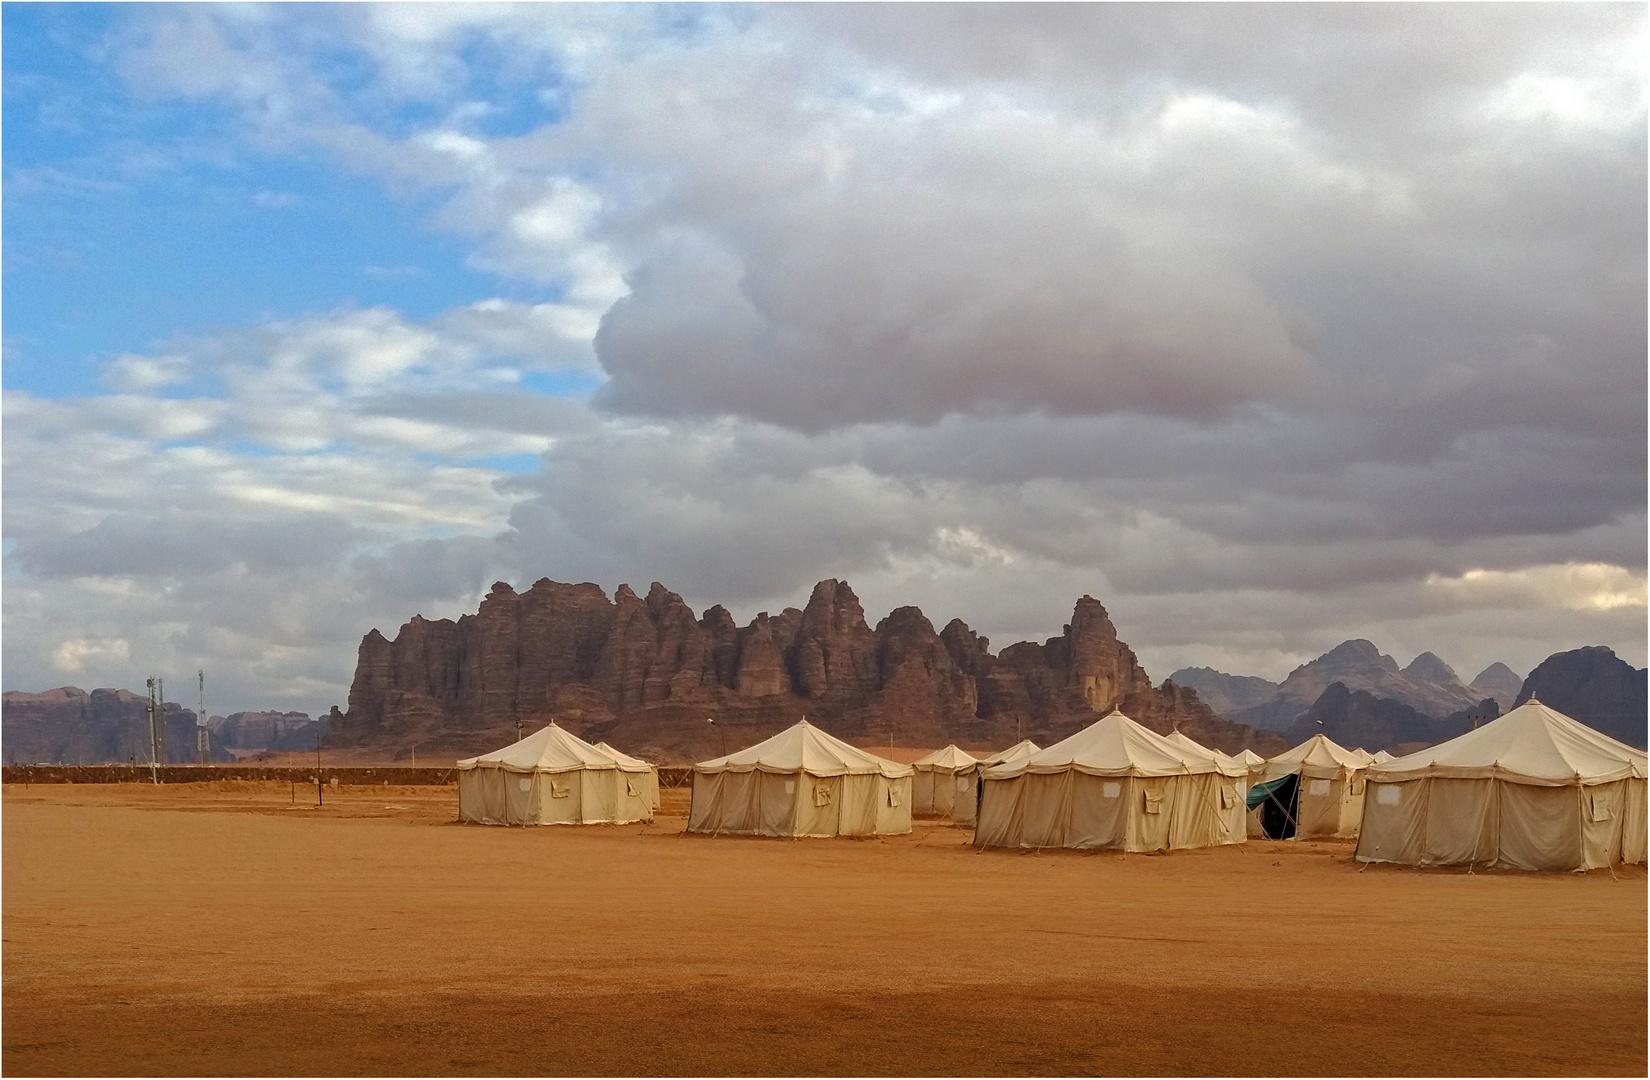 Un camp de tentes à Wadi Rum